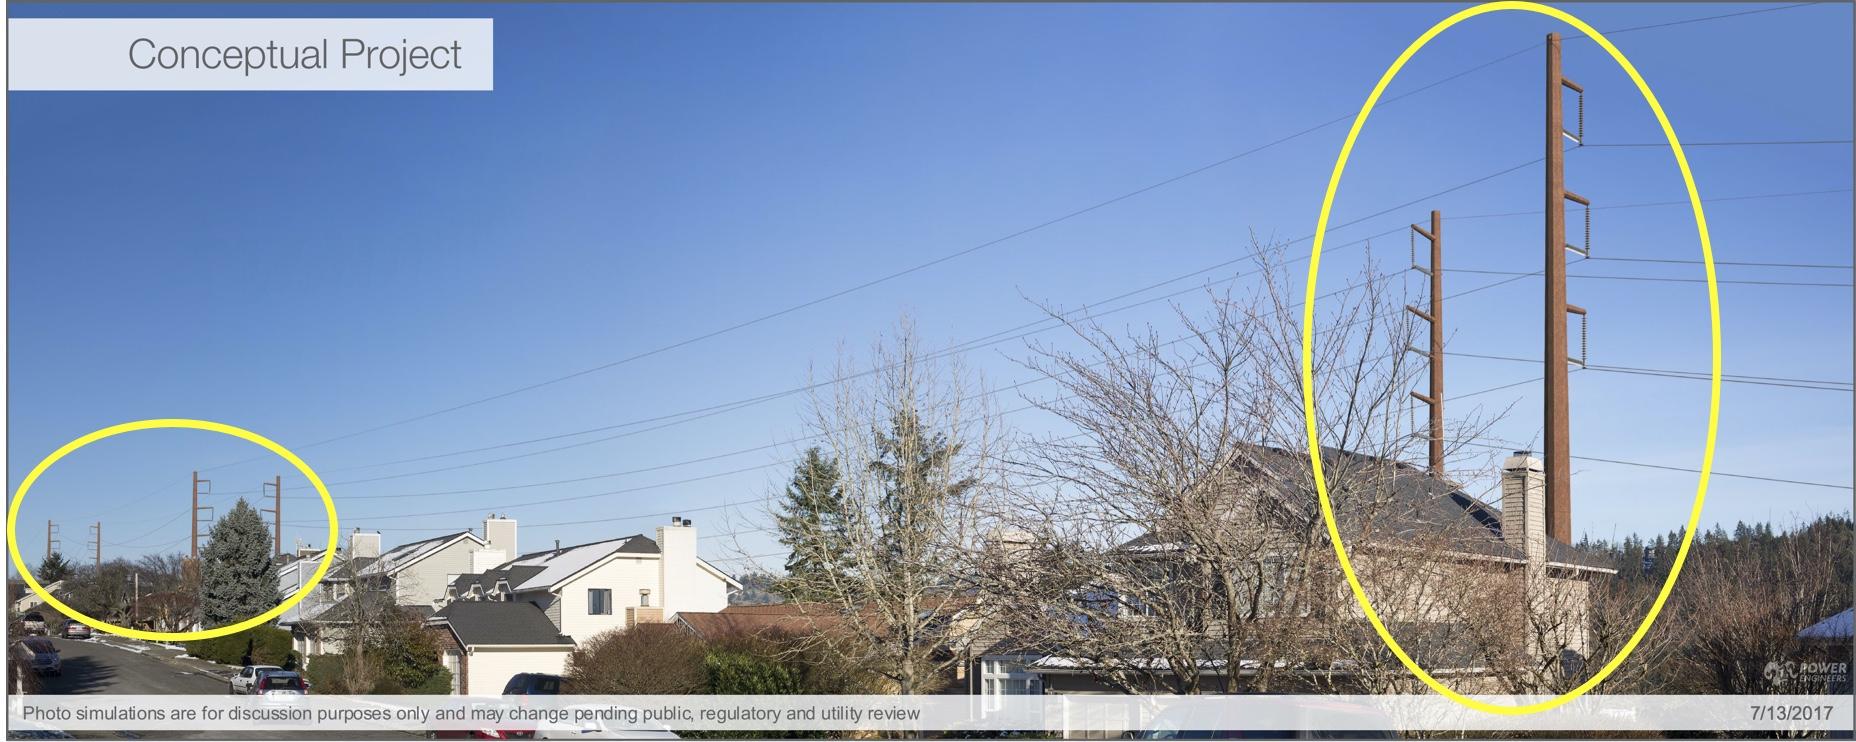 image: proposed transmission line